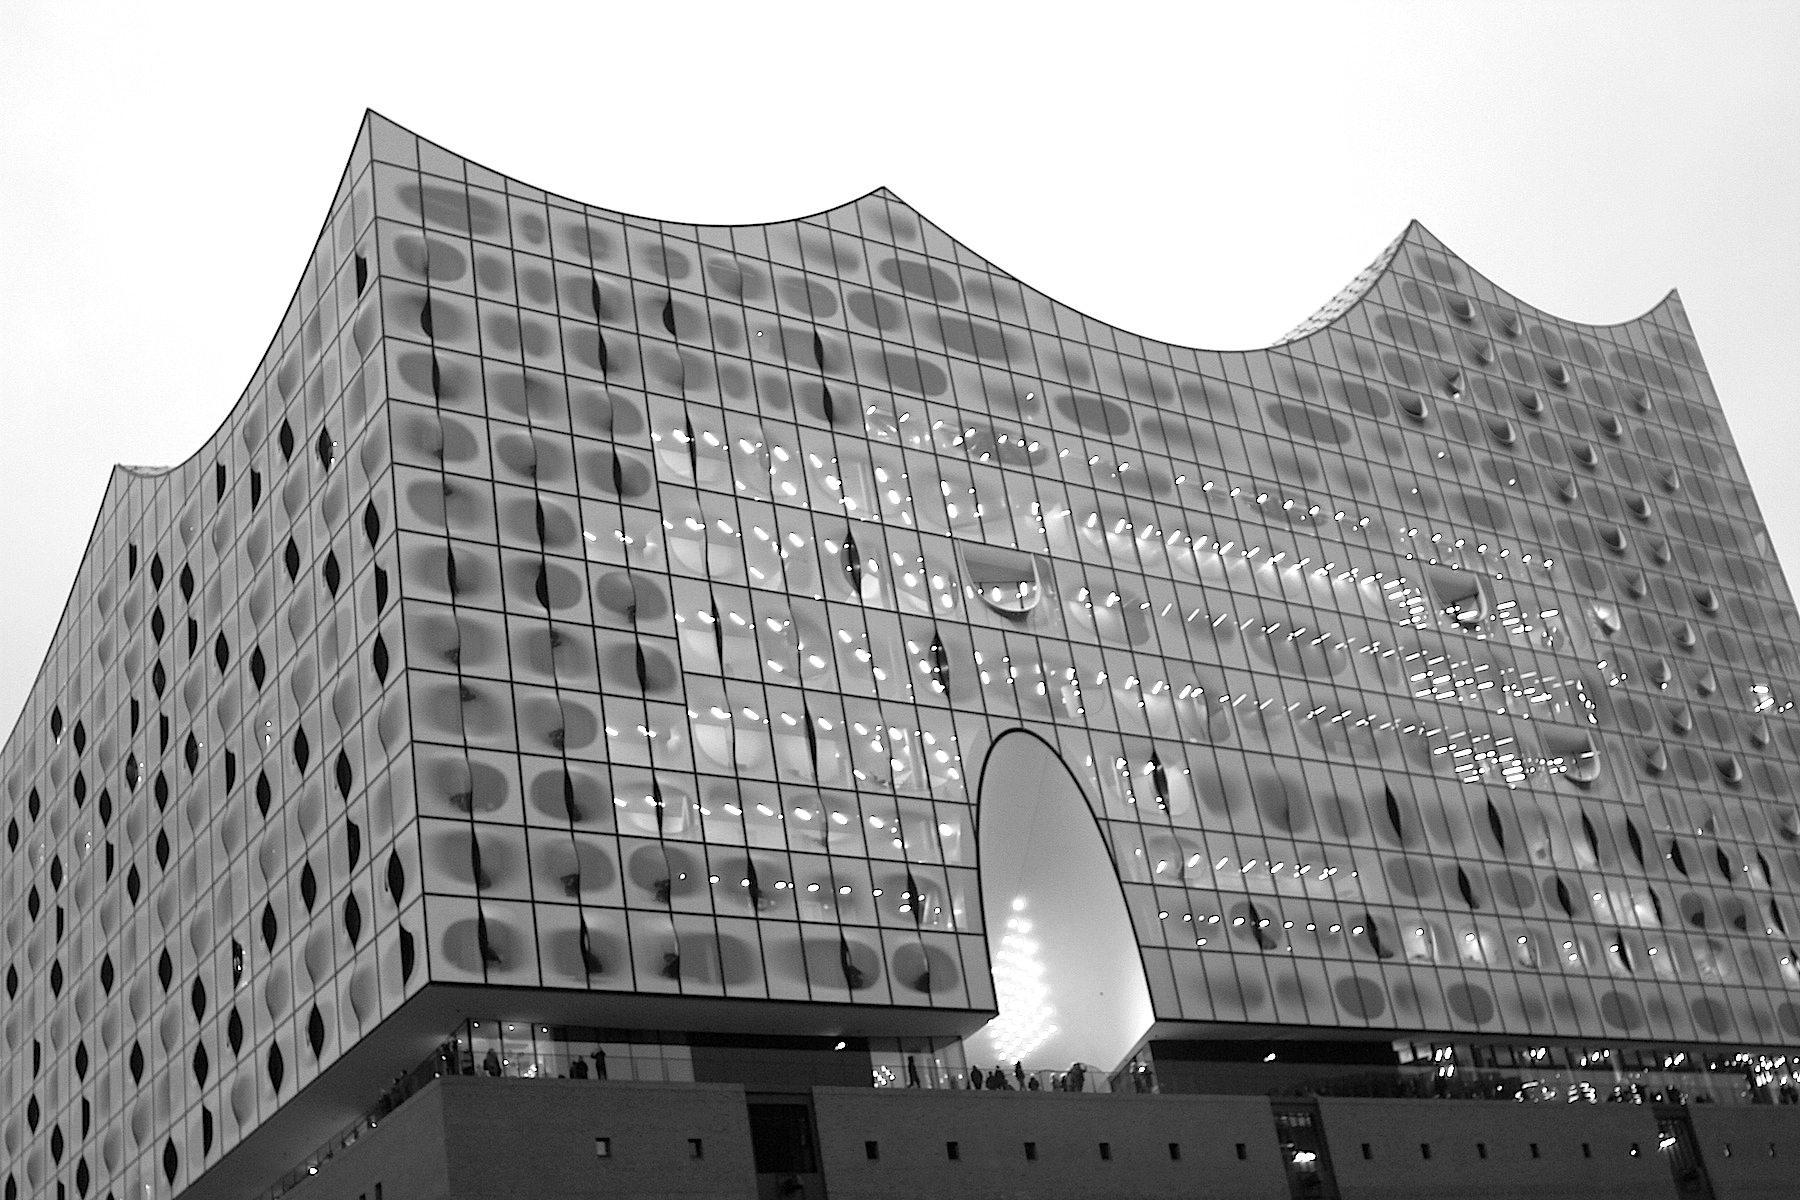 Klangkörper. Für das 700 Tonnen schwere Dach wurden etwa 1.000 Stahlträger verbaut, jedes ein Unikat und eine 3D-Konstruktion. Die über 5.800 Dachpailletten sind aus Aluminiumpaneelen und haben eine Polyester-Pulverbeschichtung.